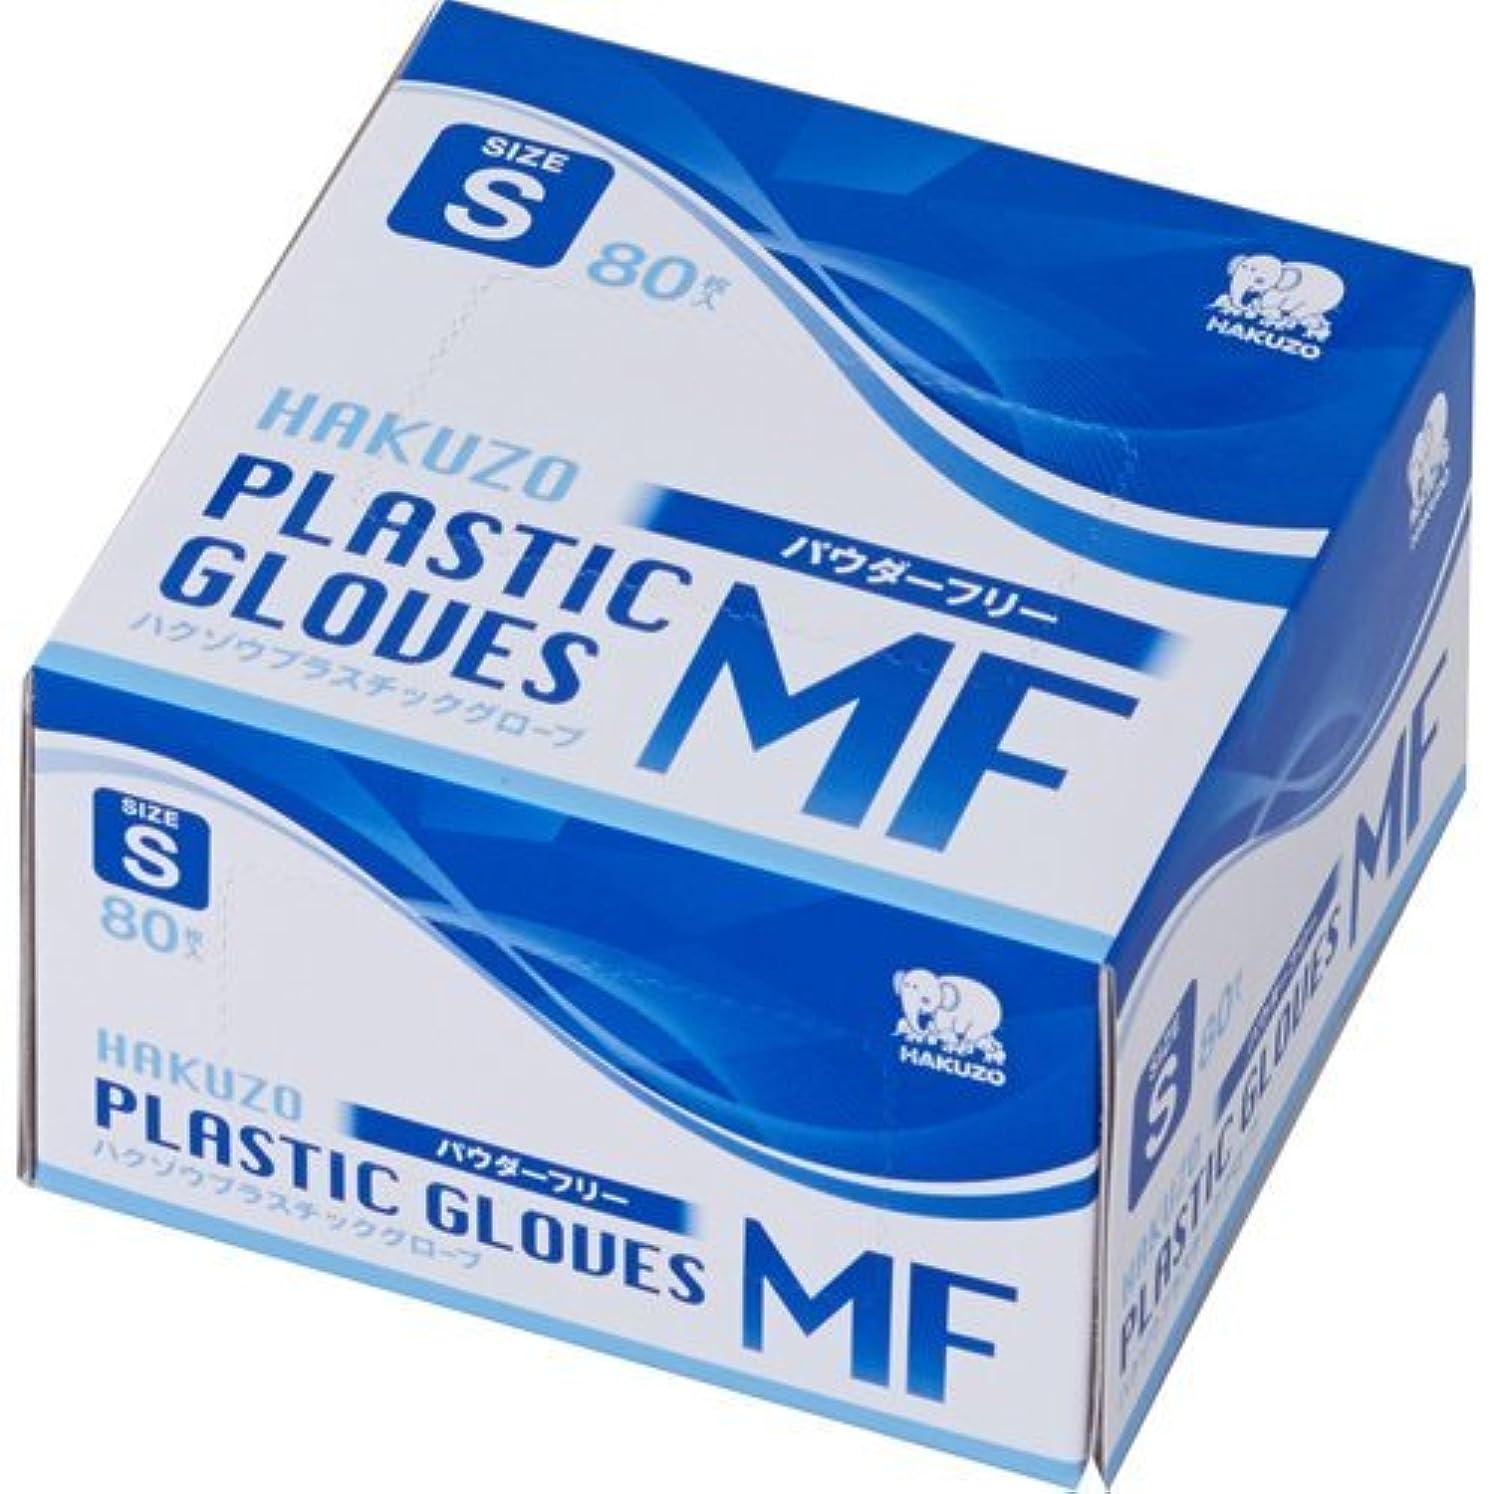 仕様ロースト呼びかけるハクゾウメディカル ハクゾウ プラスチックグローブMF パウダーフリー Sサイズ 80枚入